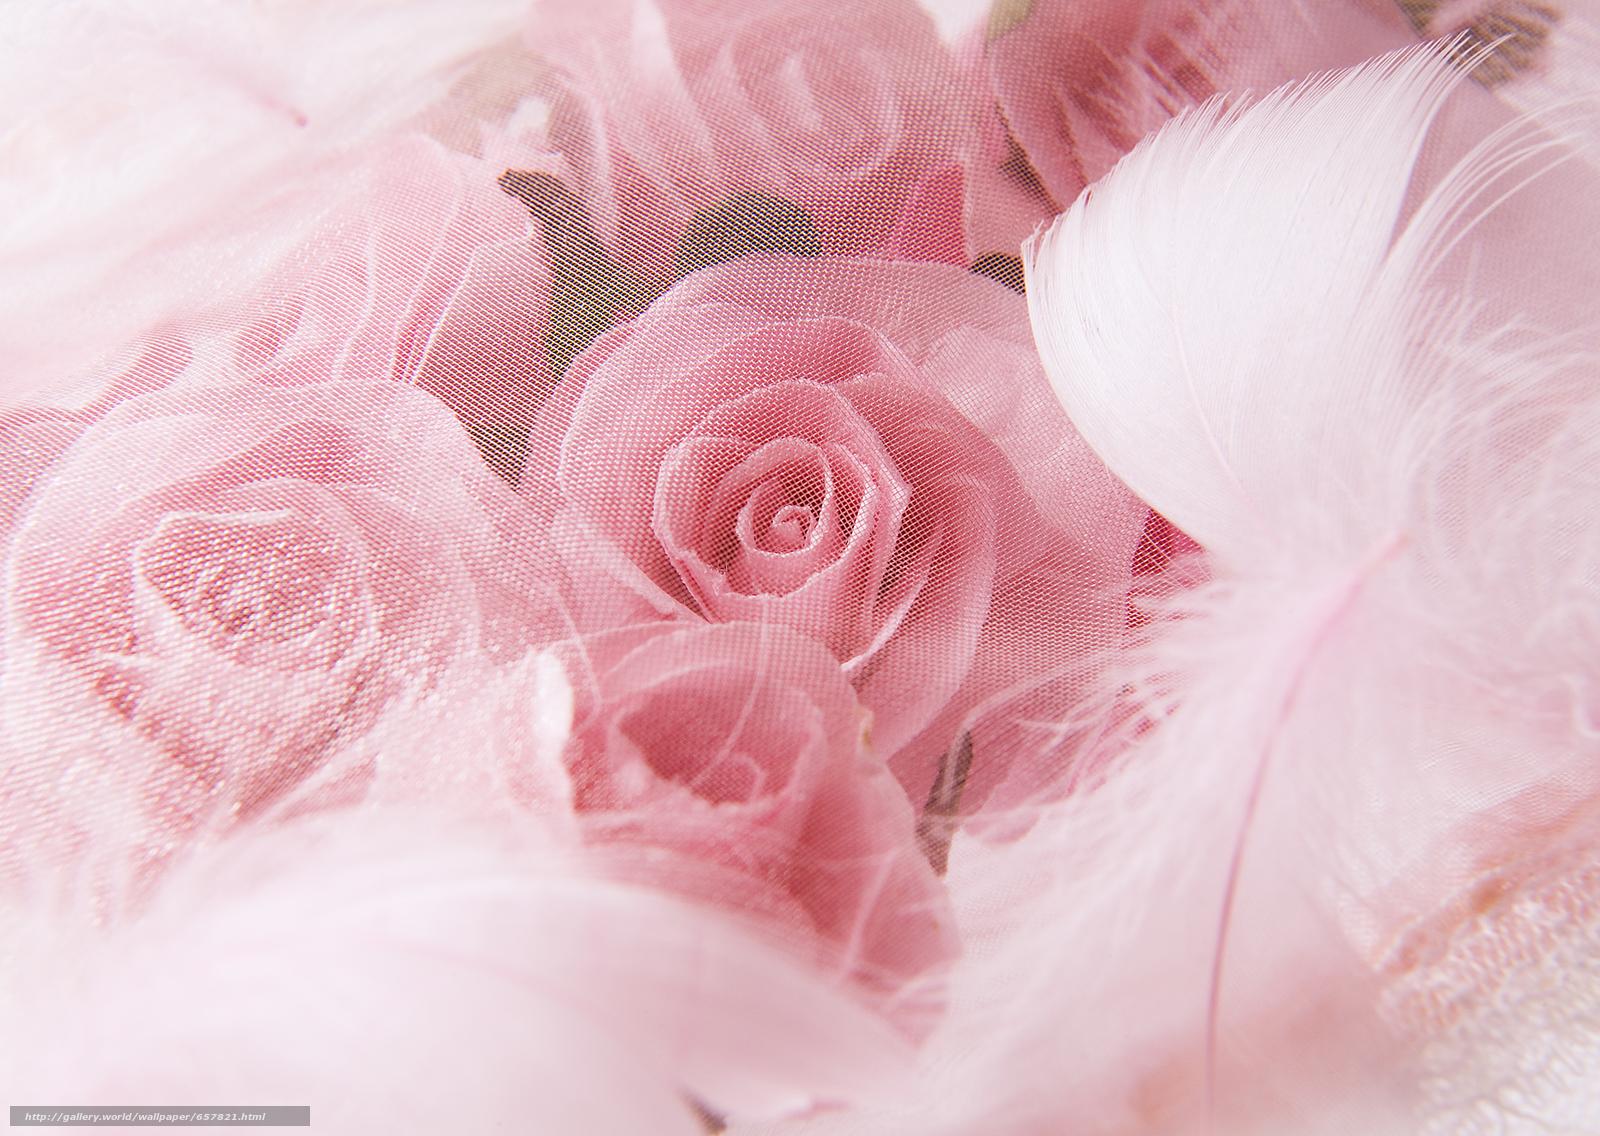 Скачать обои цветы,  цветок,  роза,  розы бесплатно для рабочего стола в разрешении 2950x2094 — картинка №657821